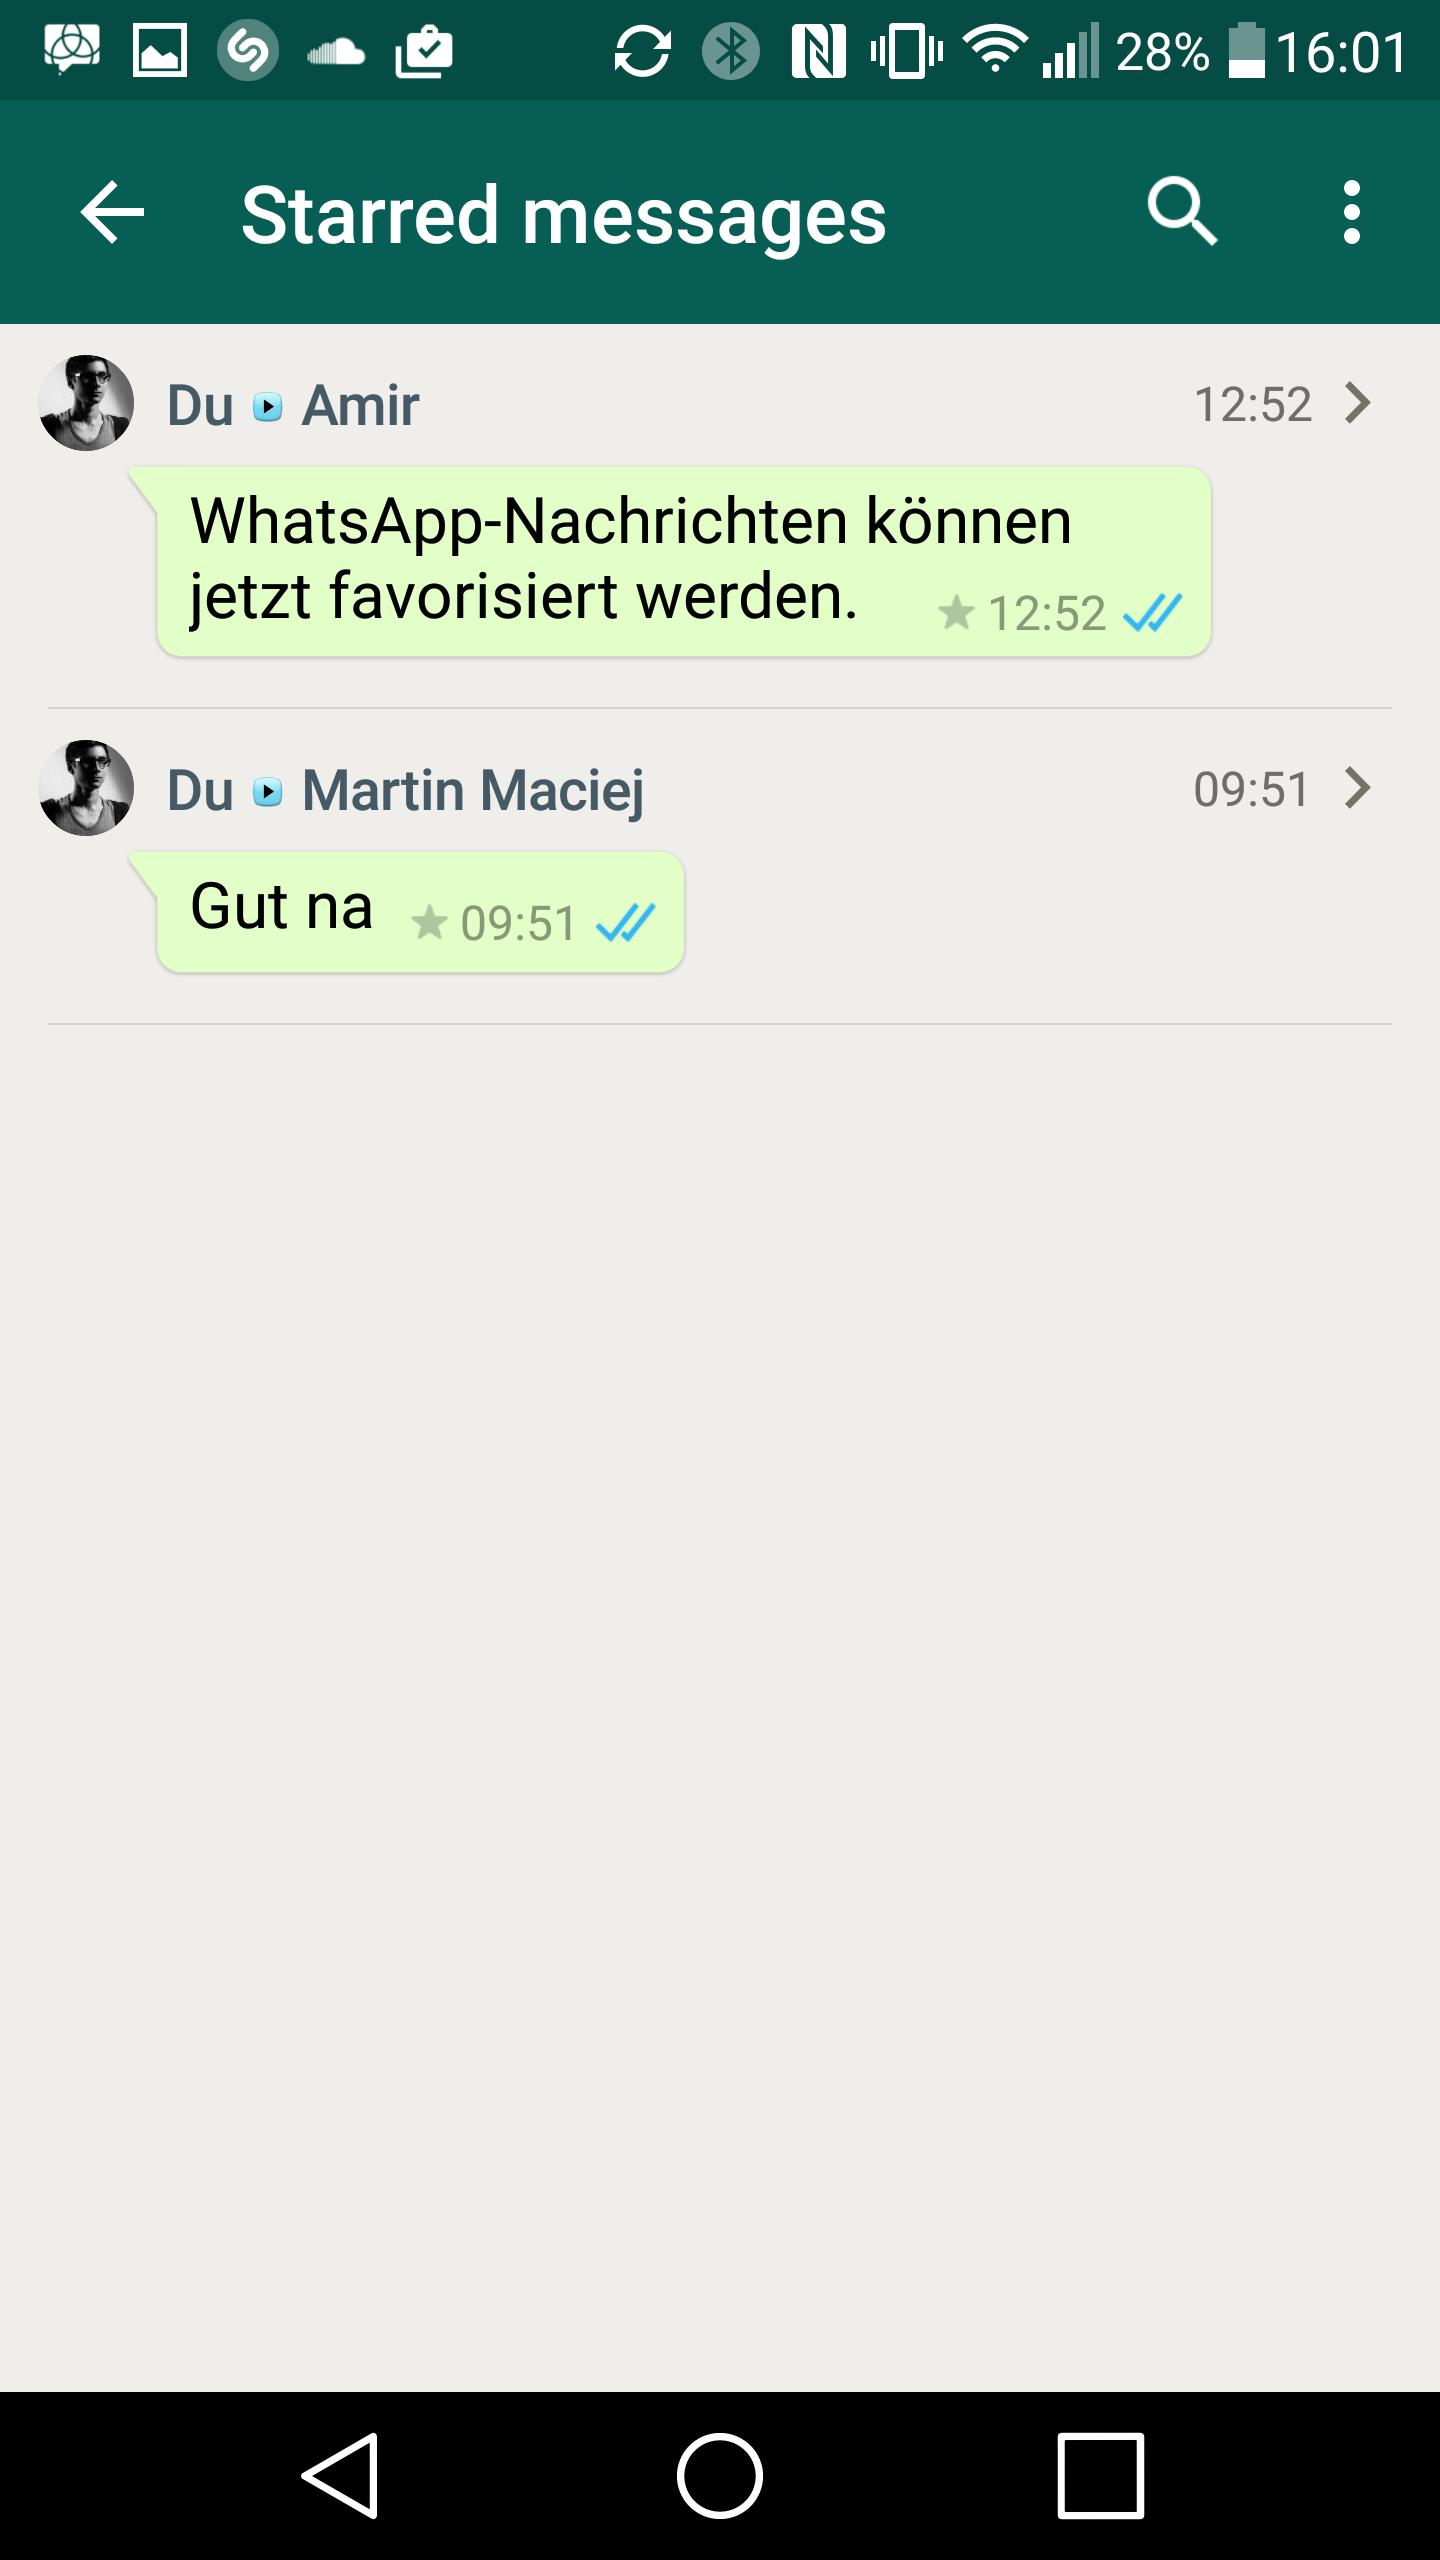 WhatsApp für Android: Nachrichten können favorisiert werden